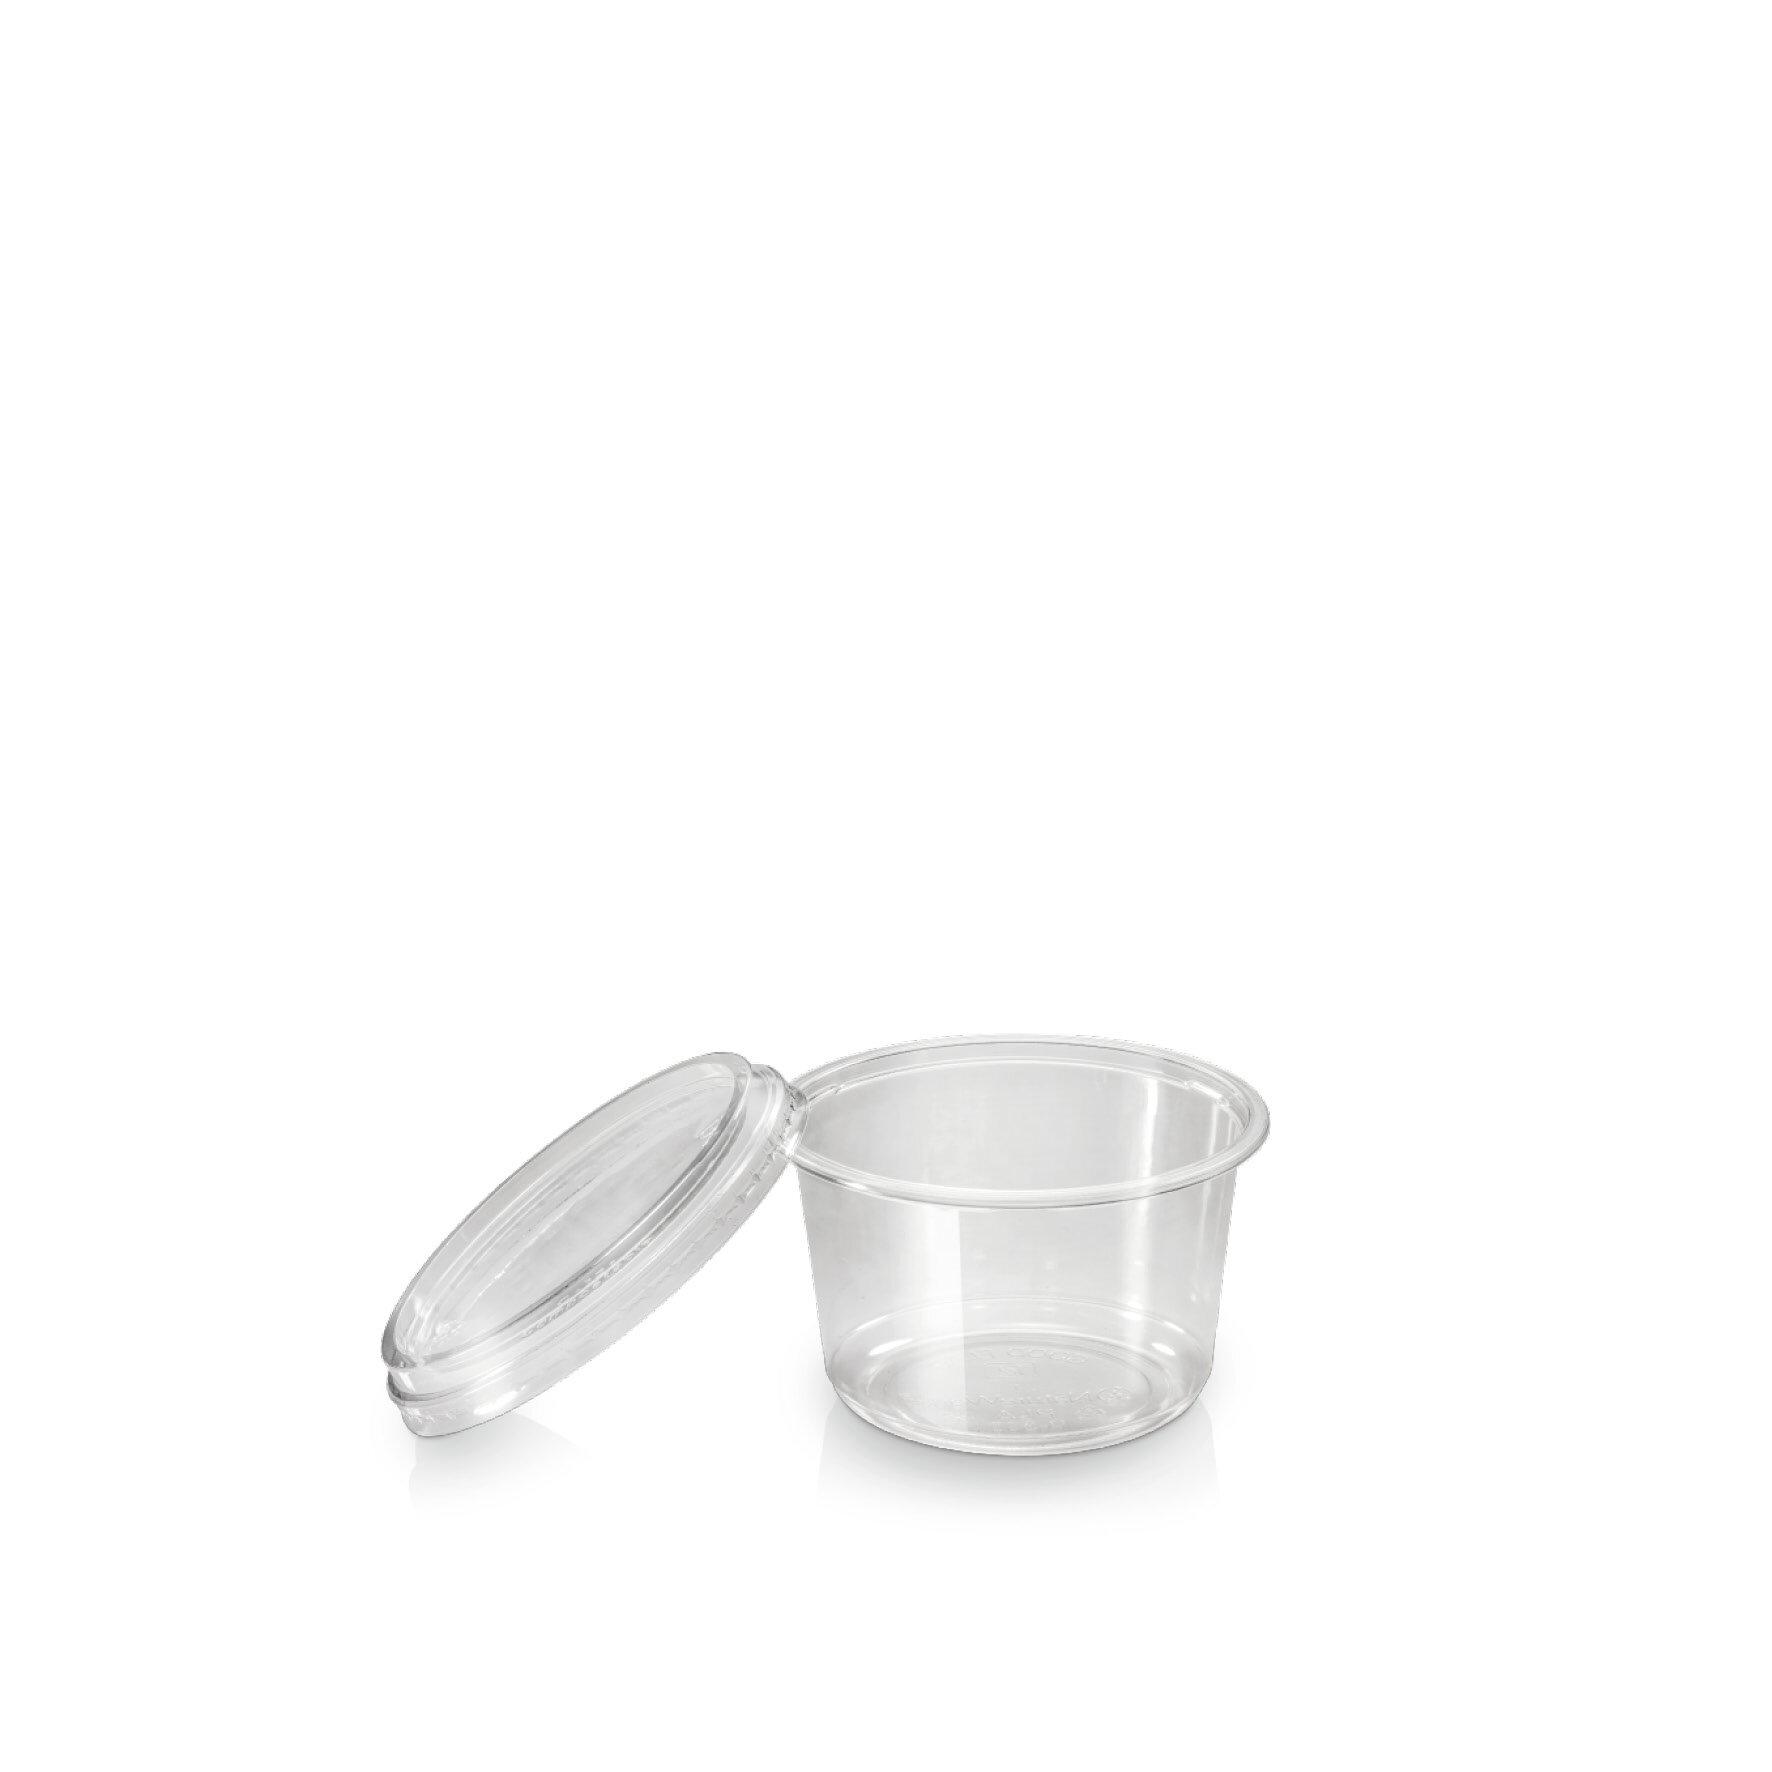 WEBAbowl  Deli-Becher aus PLA    Glasklar, -18°C bis +45°C, industriell kompostierbar